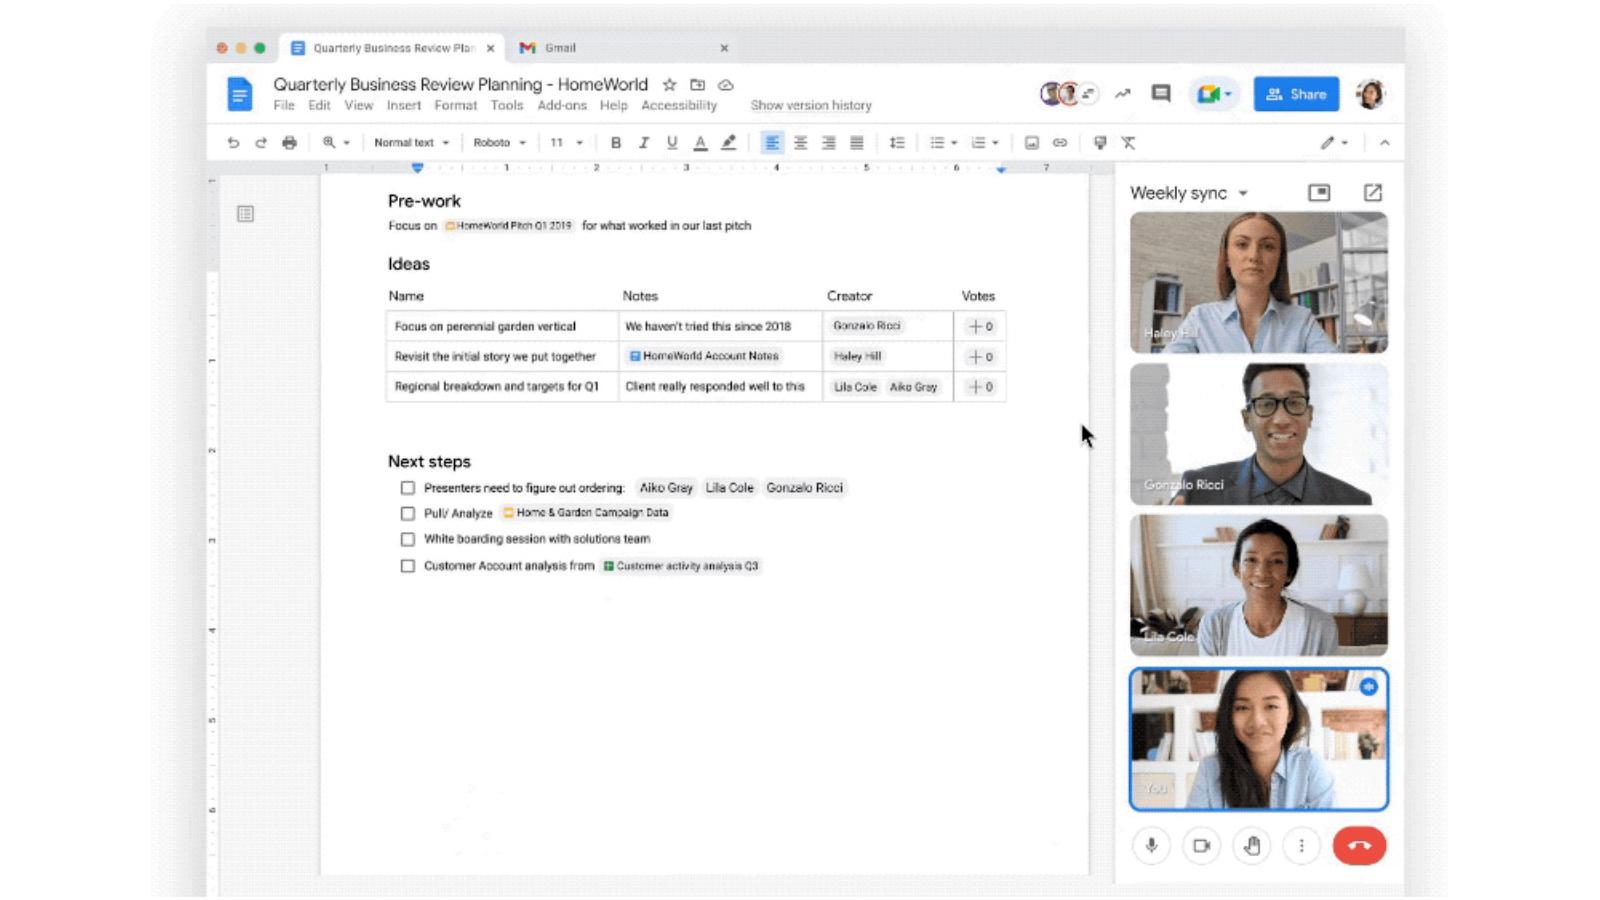 Google Meet and Docs